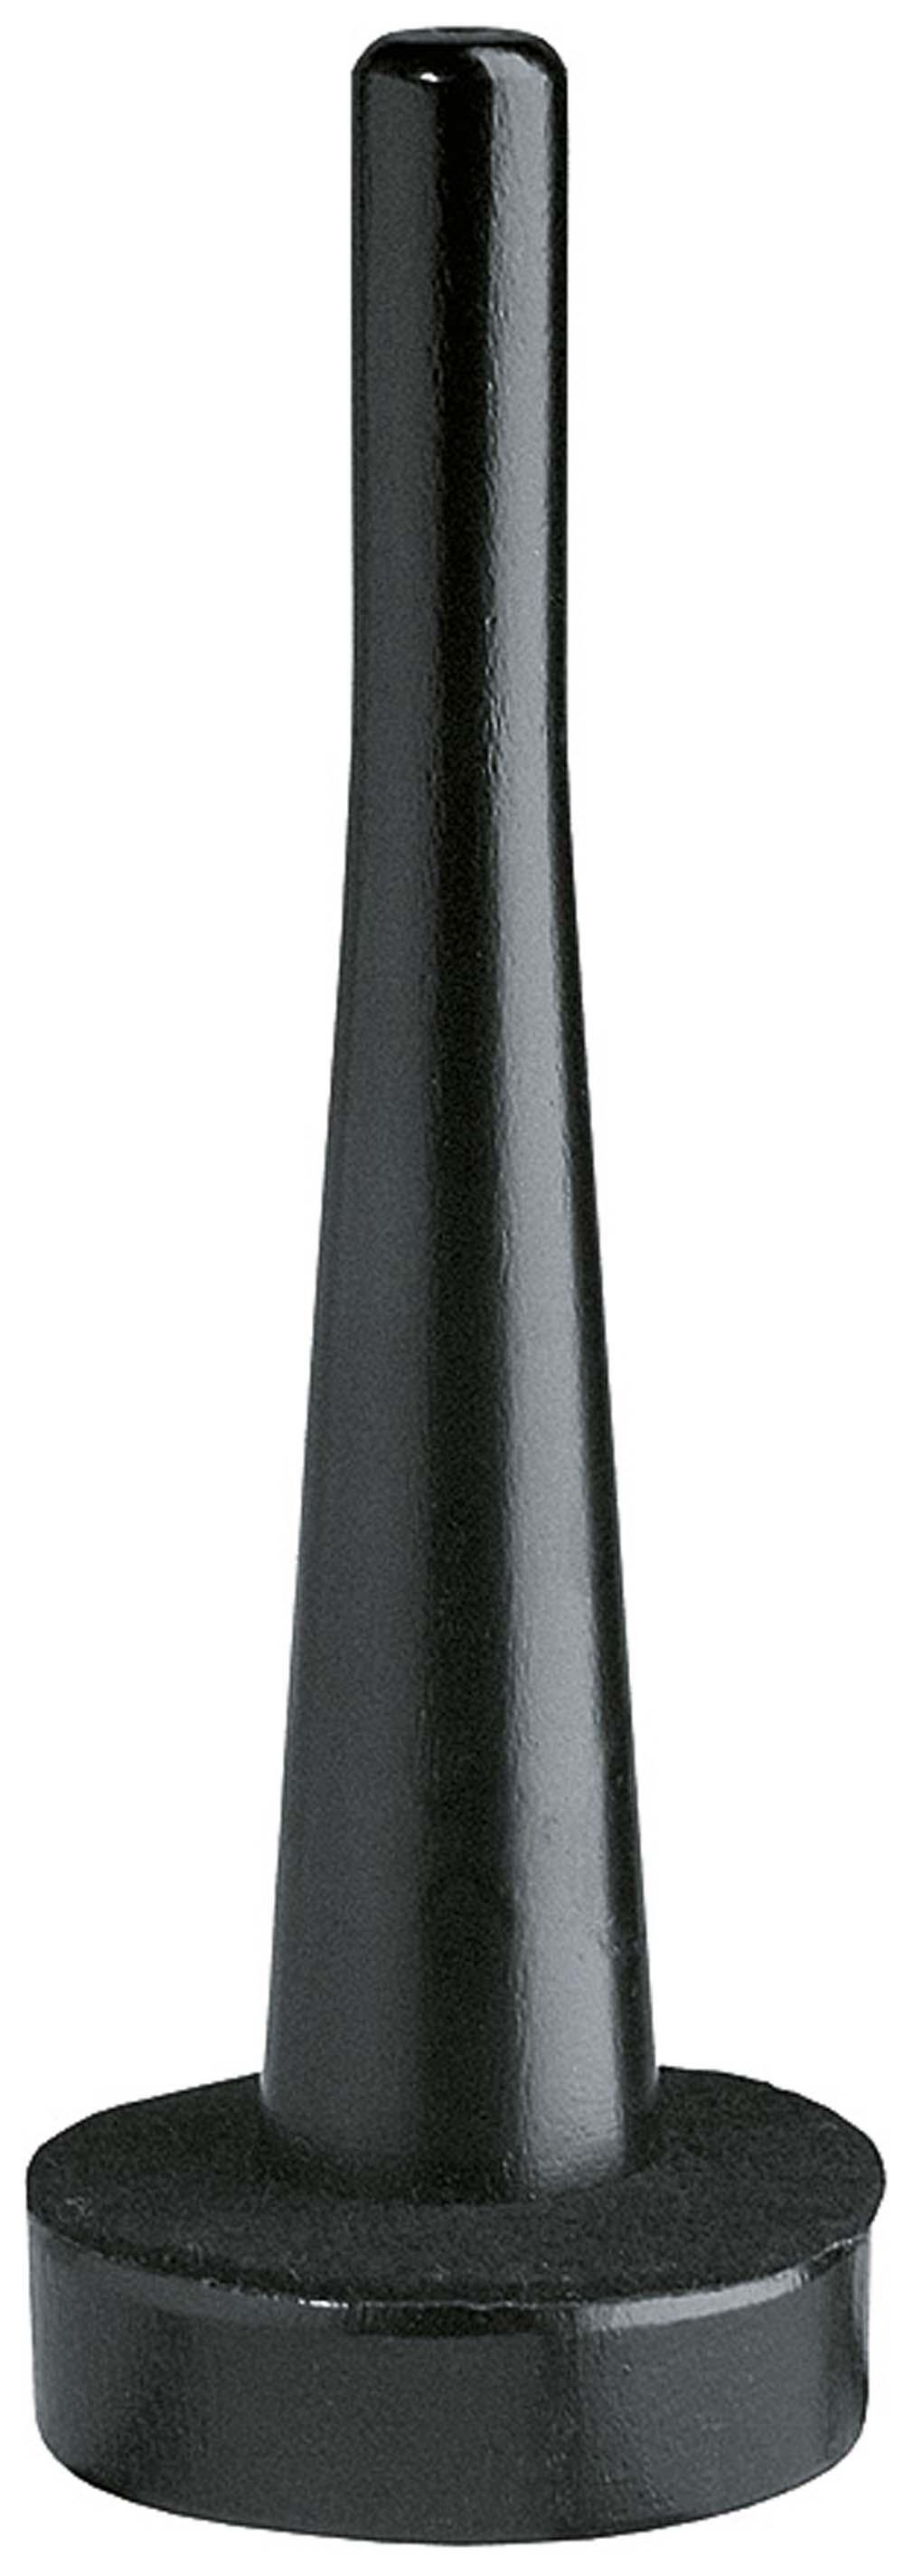 KM 17731 English Horn peg wooden